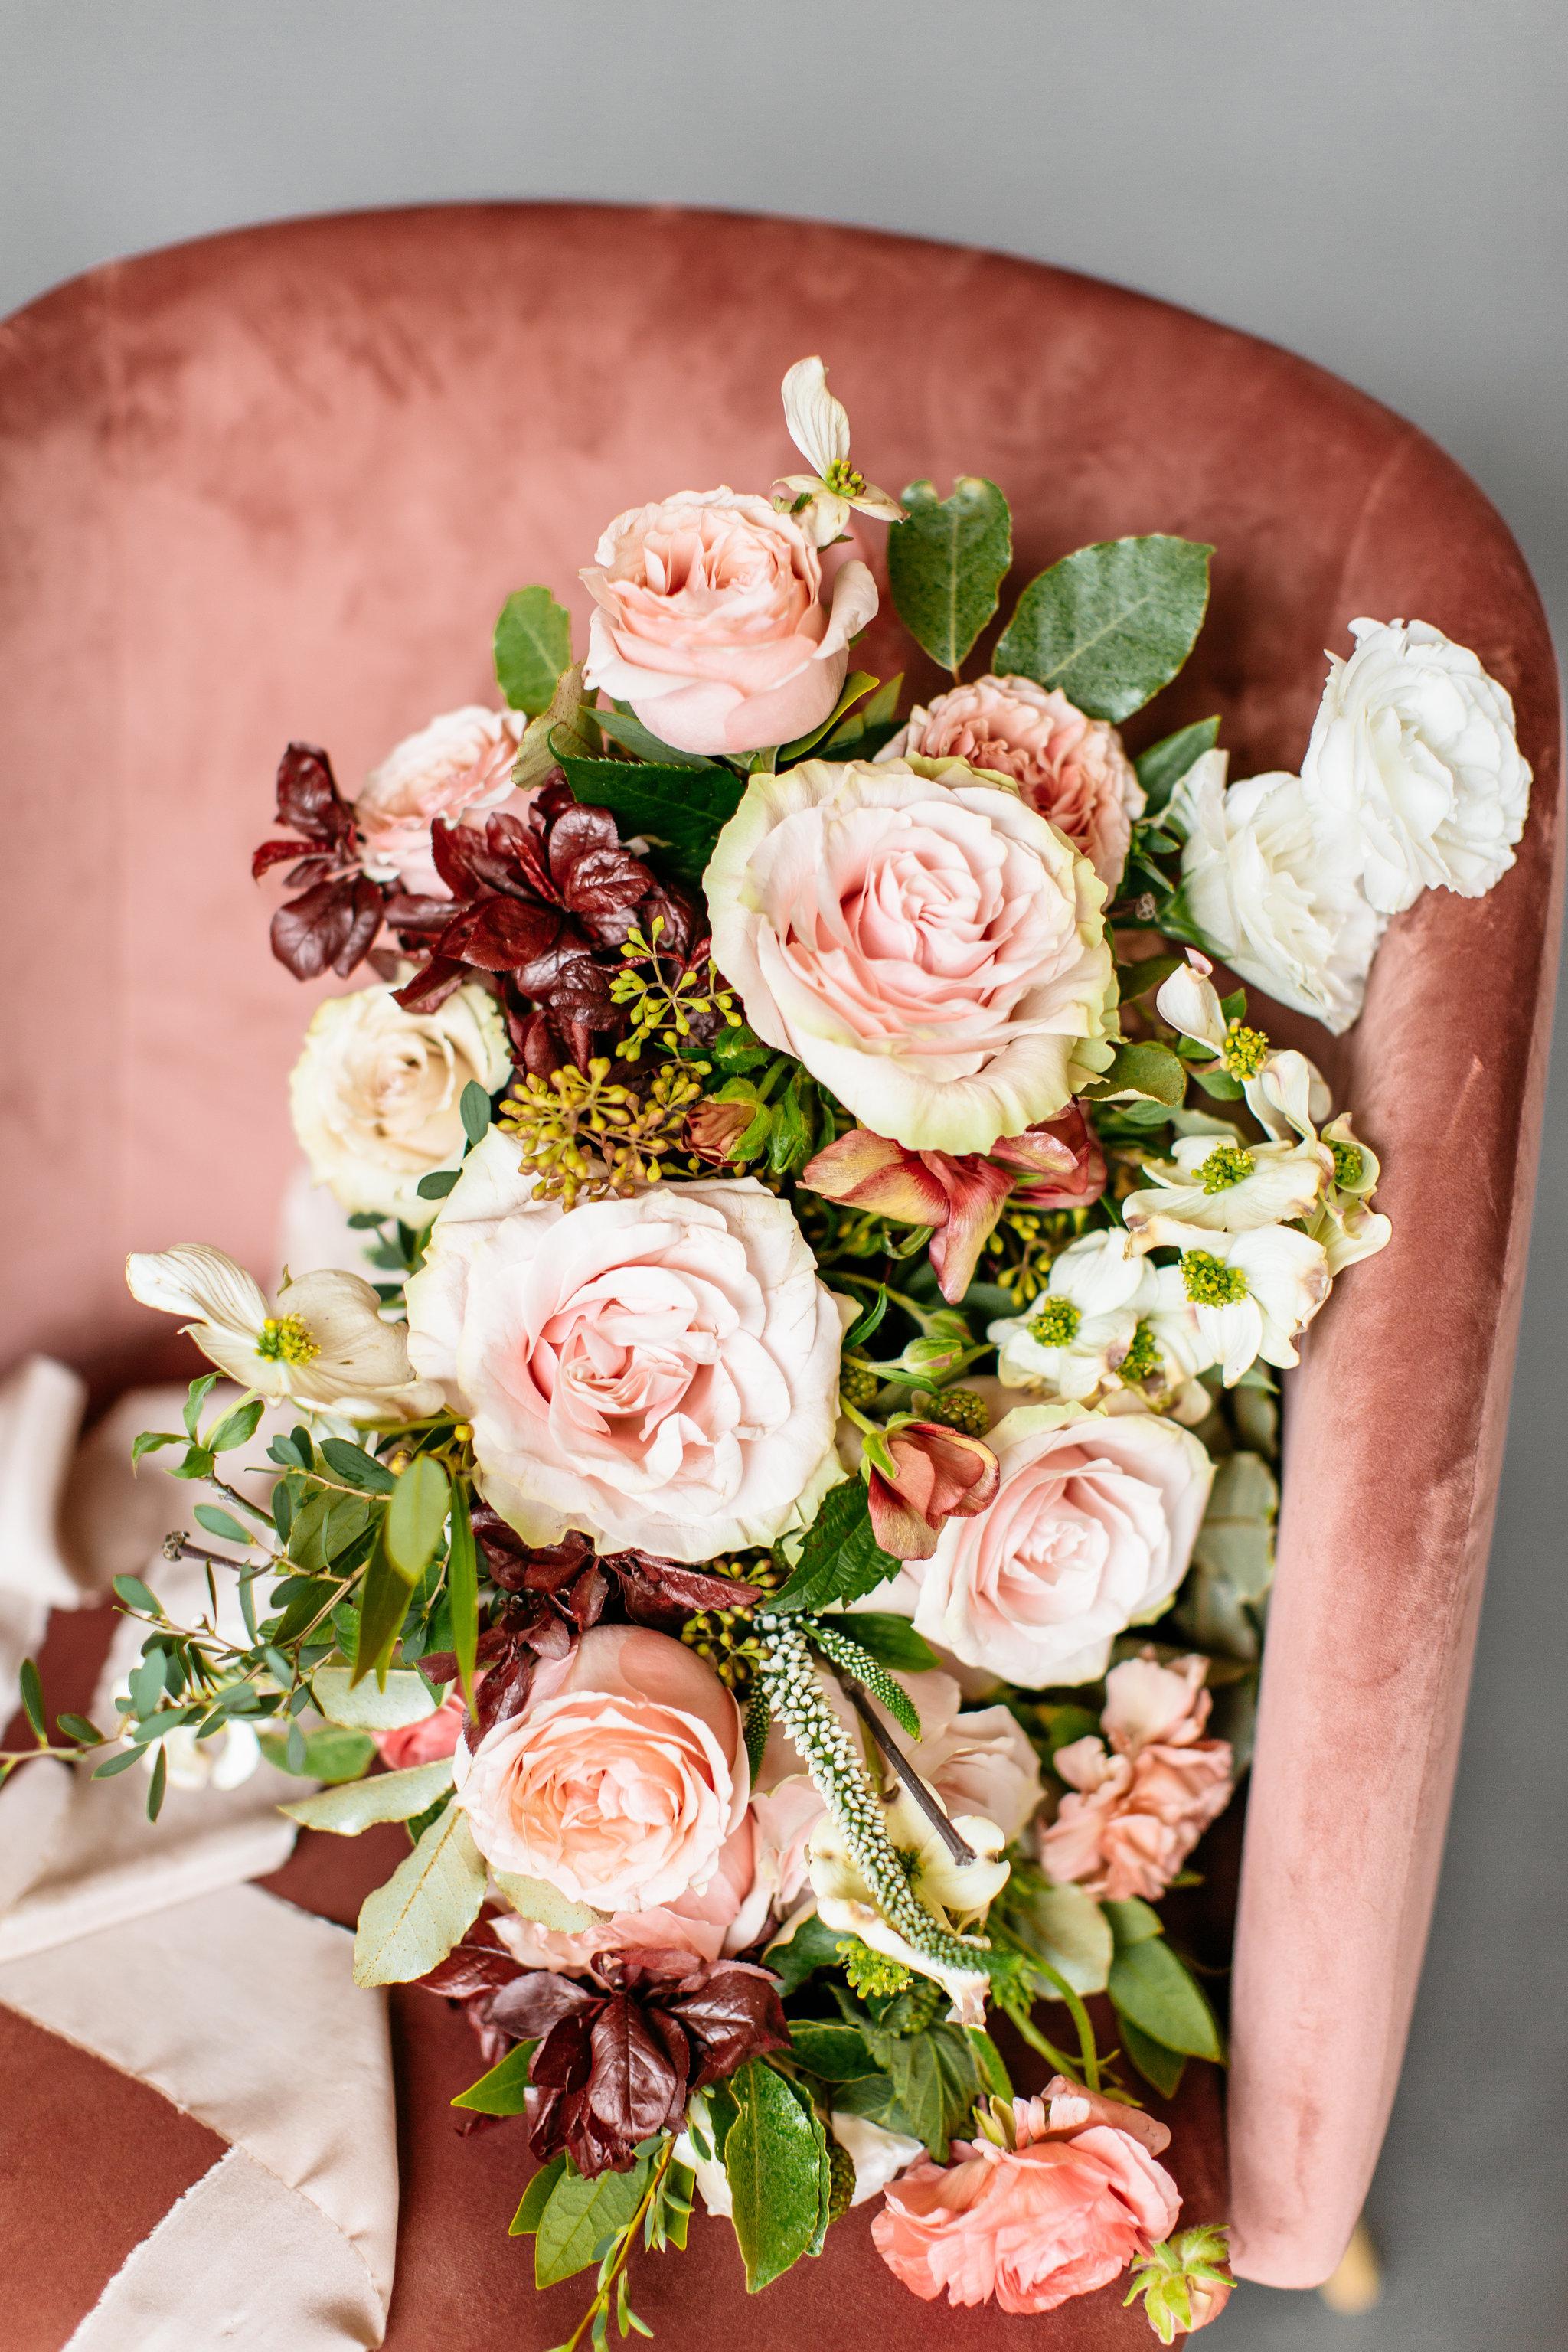 Alexa-Vossler-Photo_Dallas-Wedding-Photographer_Photoshoot-at-the-Station-McKinney_Empower-Event-31.jpg